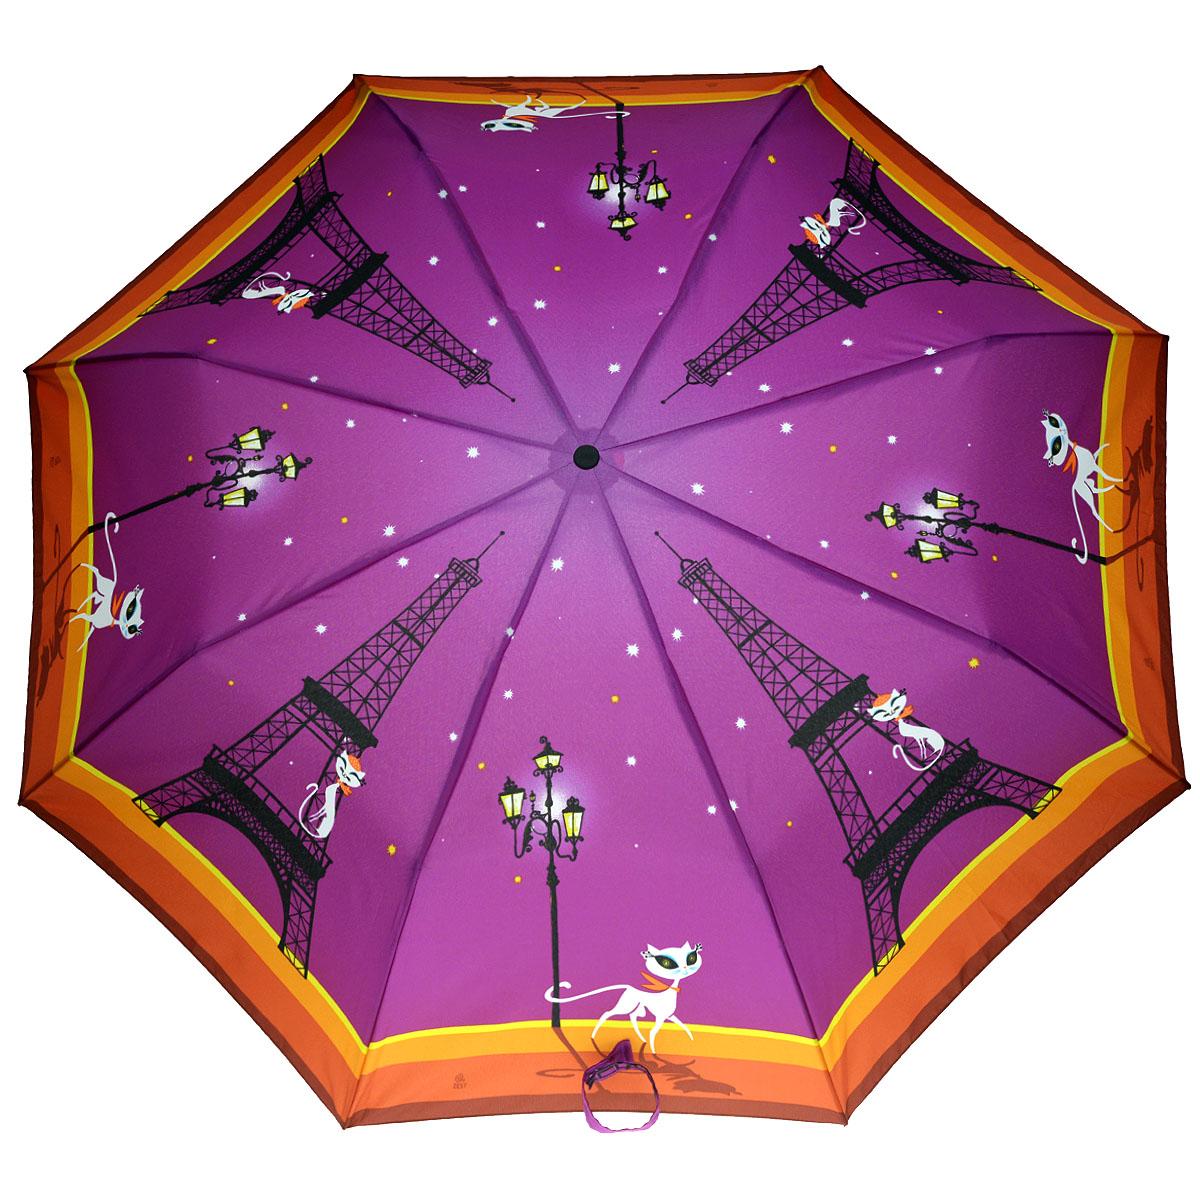 Зонт женский Zest, автомат, 3 сложения, цвет: фиолетовый. 23926-810523926-8105Очаровательный автоматический зонт Zest в 3 сложения изготовлен из высокопрочных материалов. Каркас зонта состоит из 8 спиц и прочного алюминиевого стержня. Специальная система Windproof защищает его от поломок во время сильных порывов ветра. Купол зонта выполнен из прочного полиэстера с водоотталкивающей пропиткой и оформлен забавным изображением кошечки, разгуливающей по Парижу, и кота на Эйфелевой башни. Используемые высококачественные красители обеспечивают длительное сохранение свойств ткани купола. Рукоятка, разработанная с учетом требований эргономики, выполнена из пластика. Зонт имеет полный автоматический механизм сложения: купол открывается и закрывается нажатием кнопки на рукоятке, стержень складывается вручную до характерного щелчка. Благодаря этому открыть и закрыть зонт можно одной рукой, что чрезвычайно удобно при входе в транспорт или помещение. Небольшой шнурок, расположенный на рукоятке, позволяет надеть изделие на руку при необходимости. Модель...